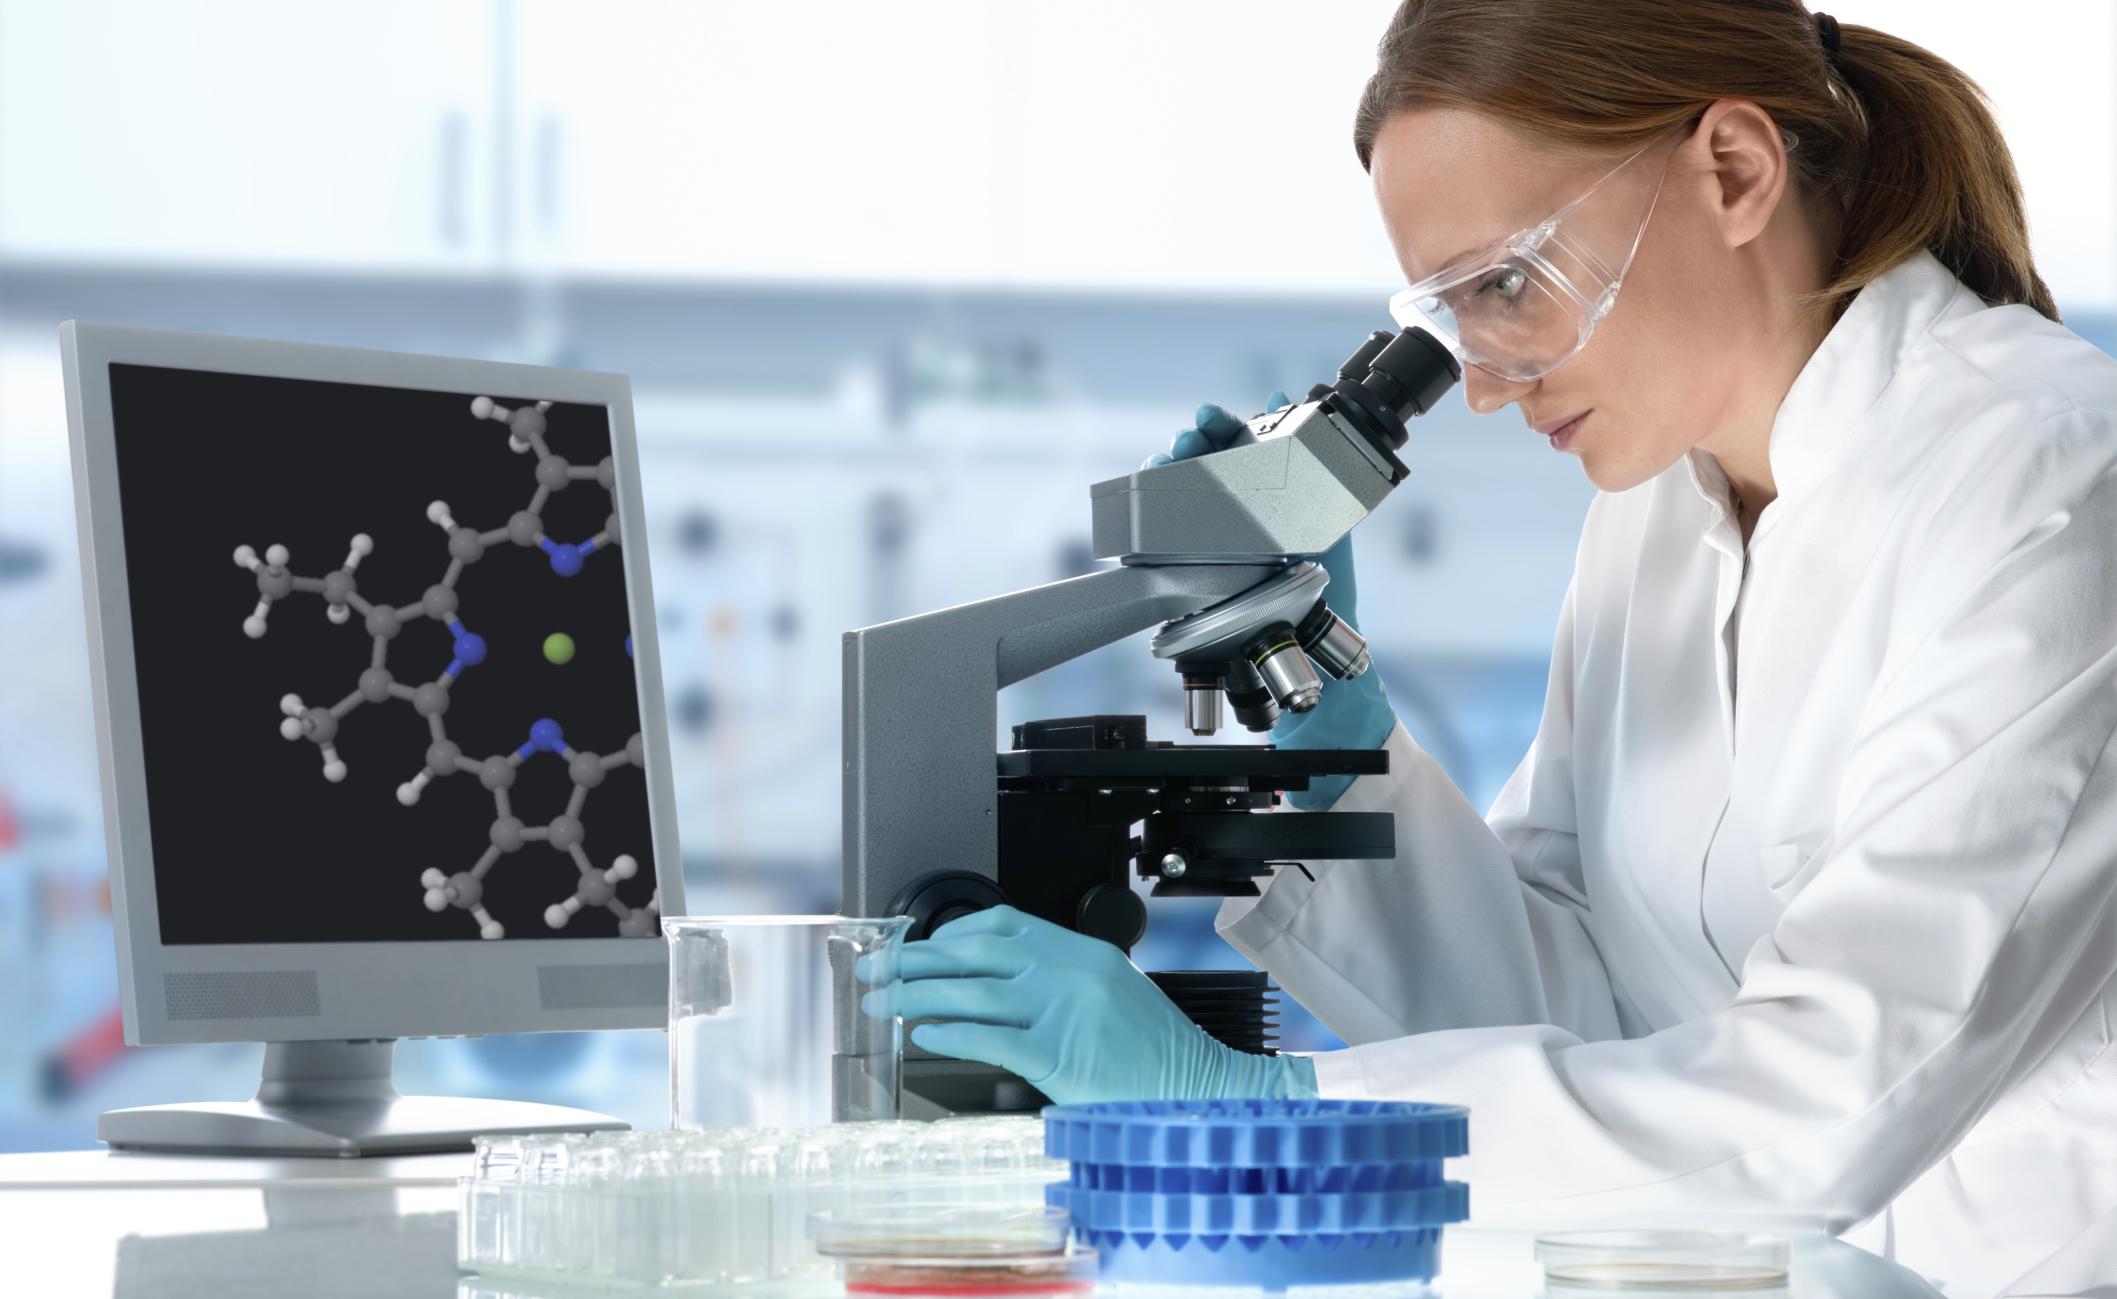 Invecchiamento: scoperto come ringiovanire le cellule umane